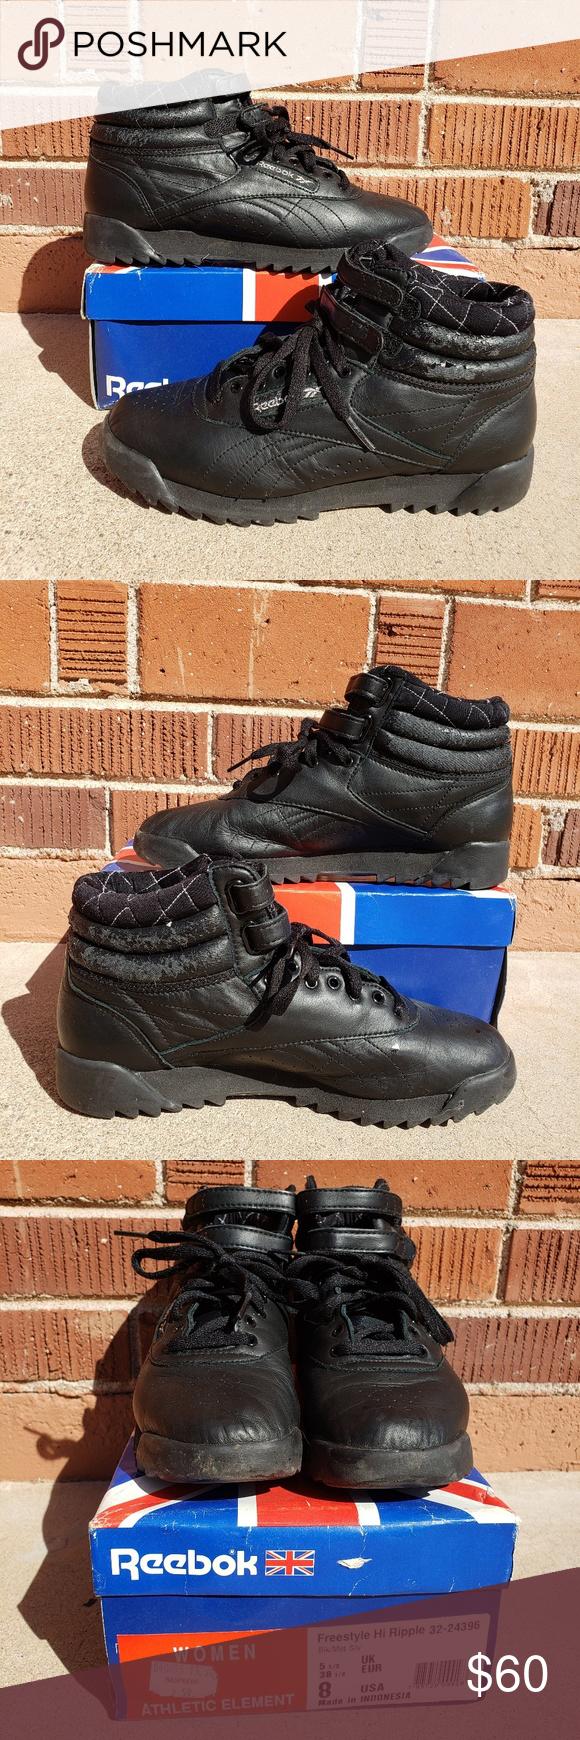 Reebok] Freestyle Hi Ripple Sneakers